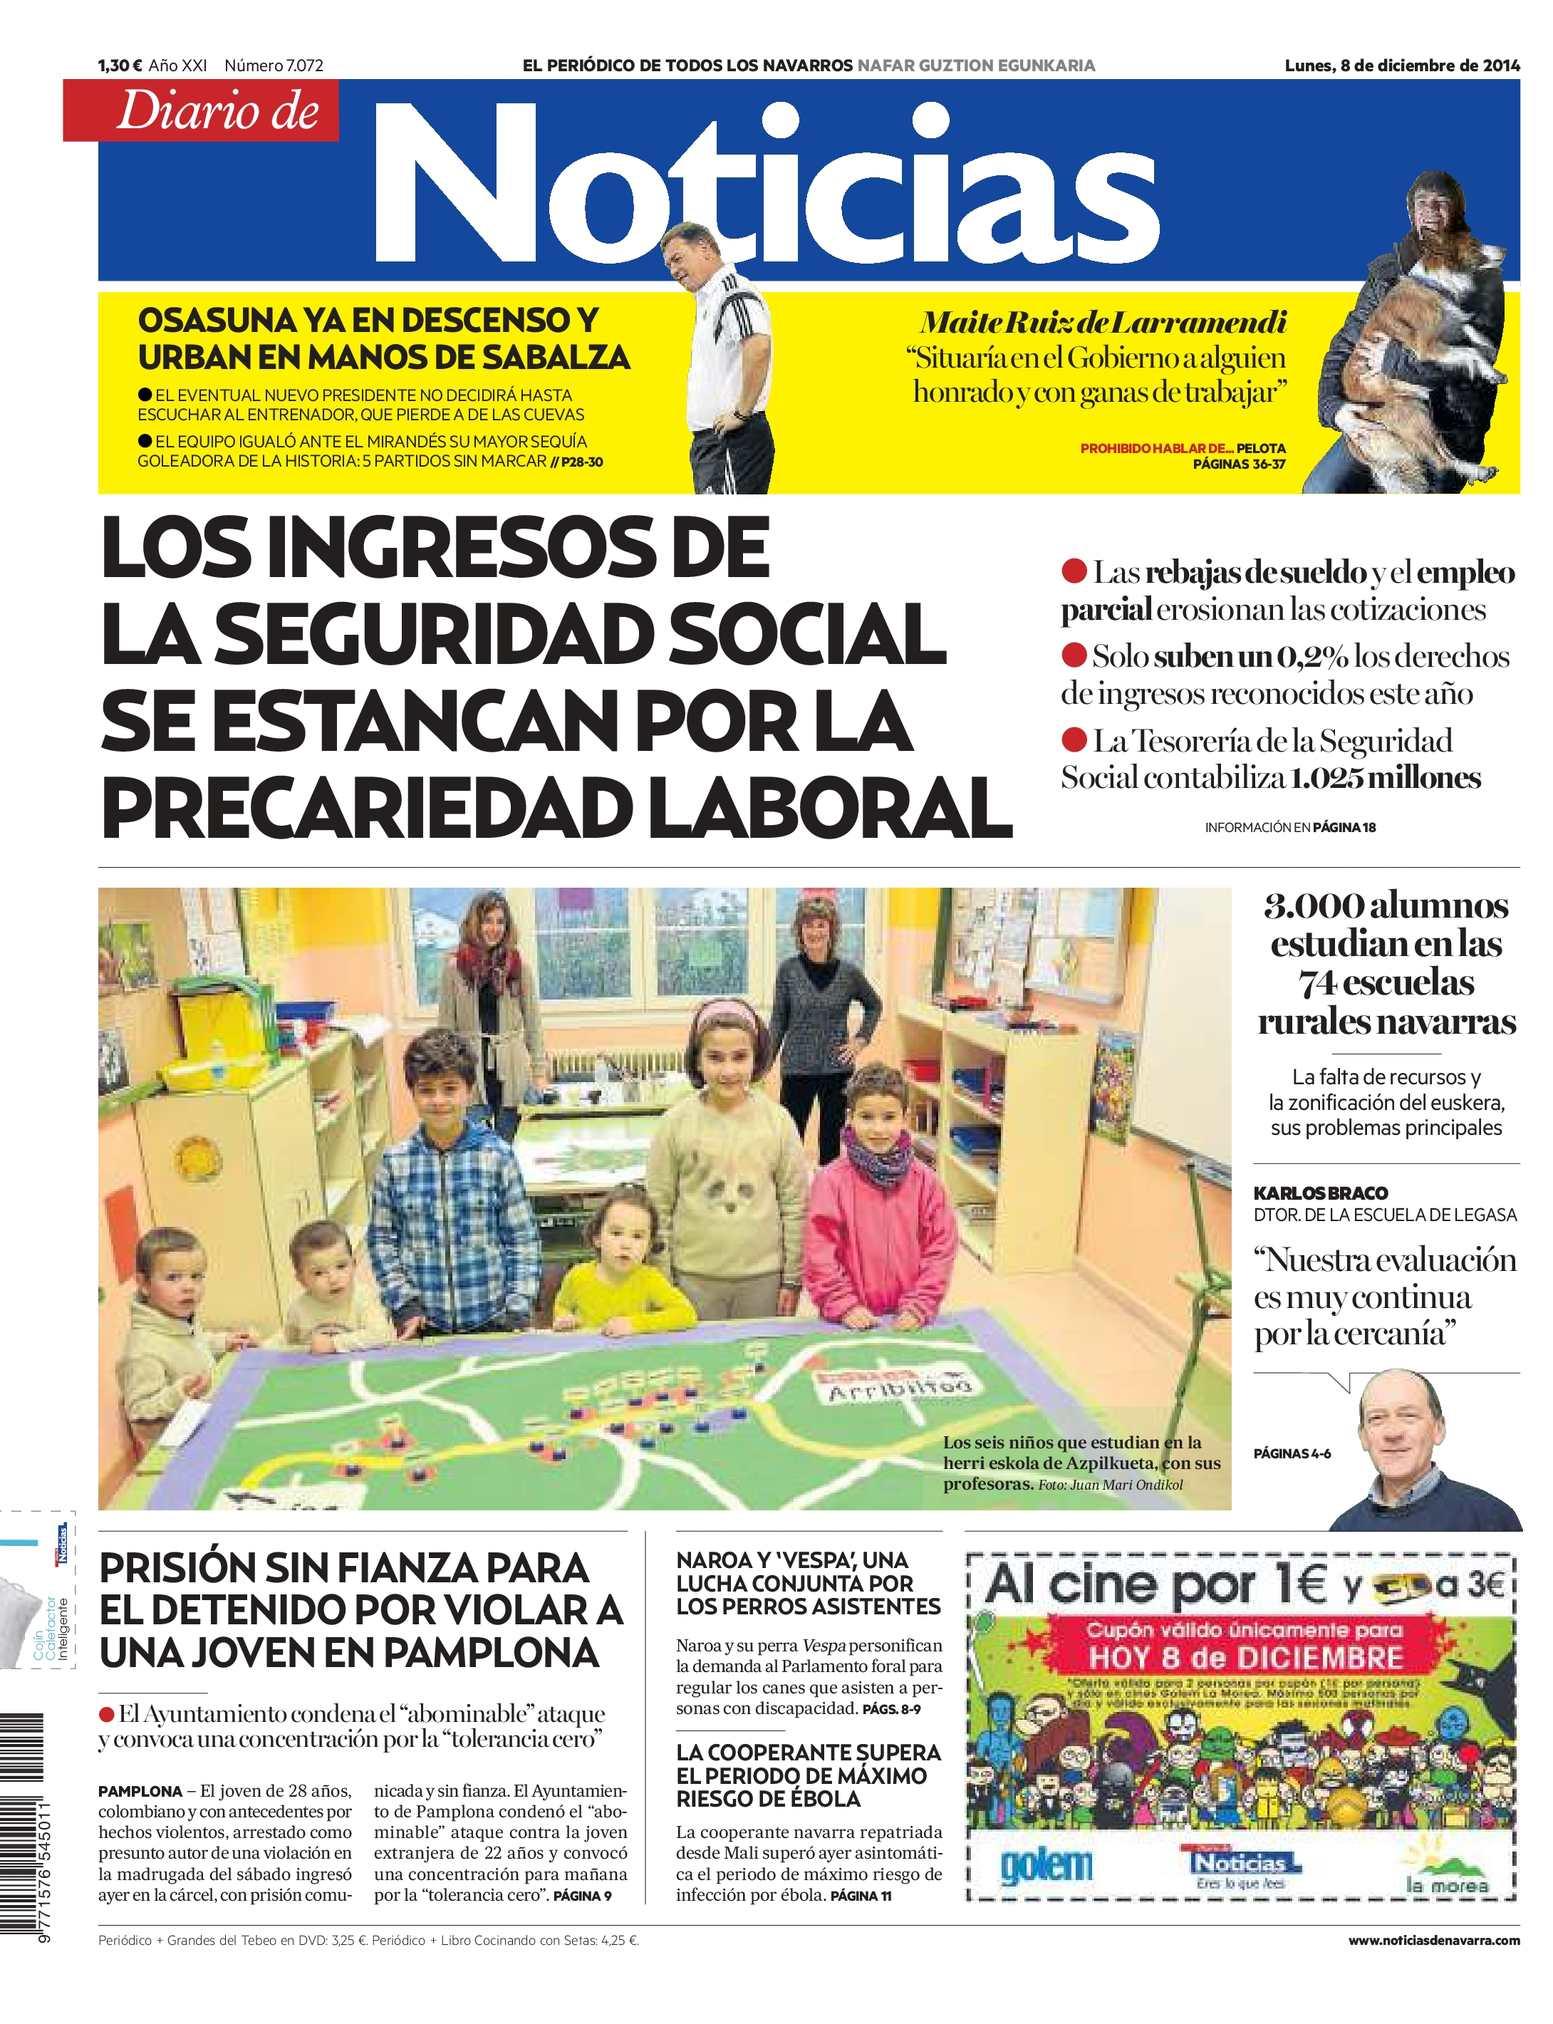 63bac3f427 Calaméo - Diario de Noticias 20141208